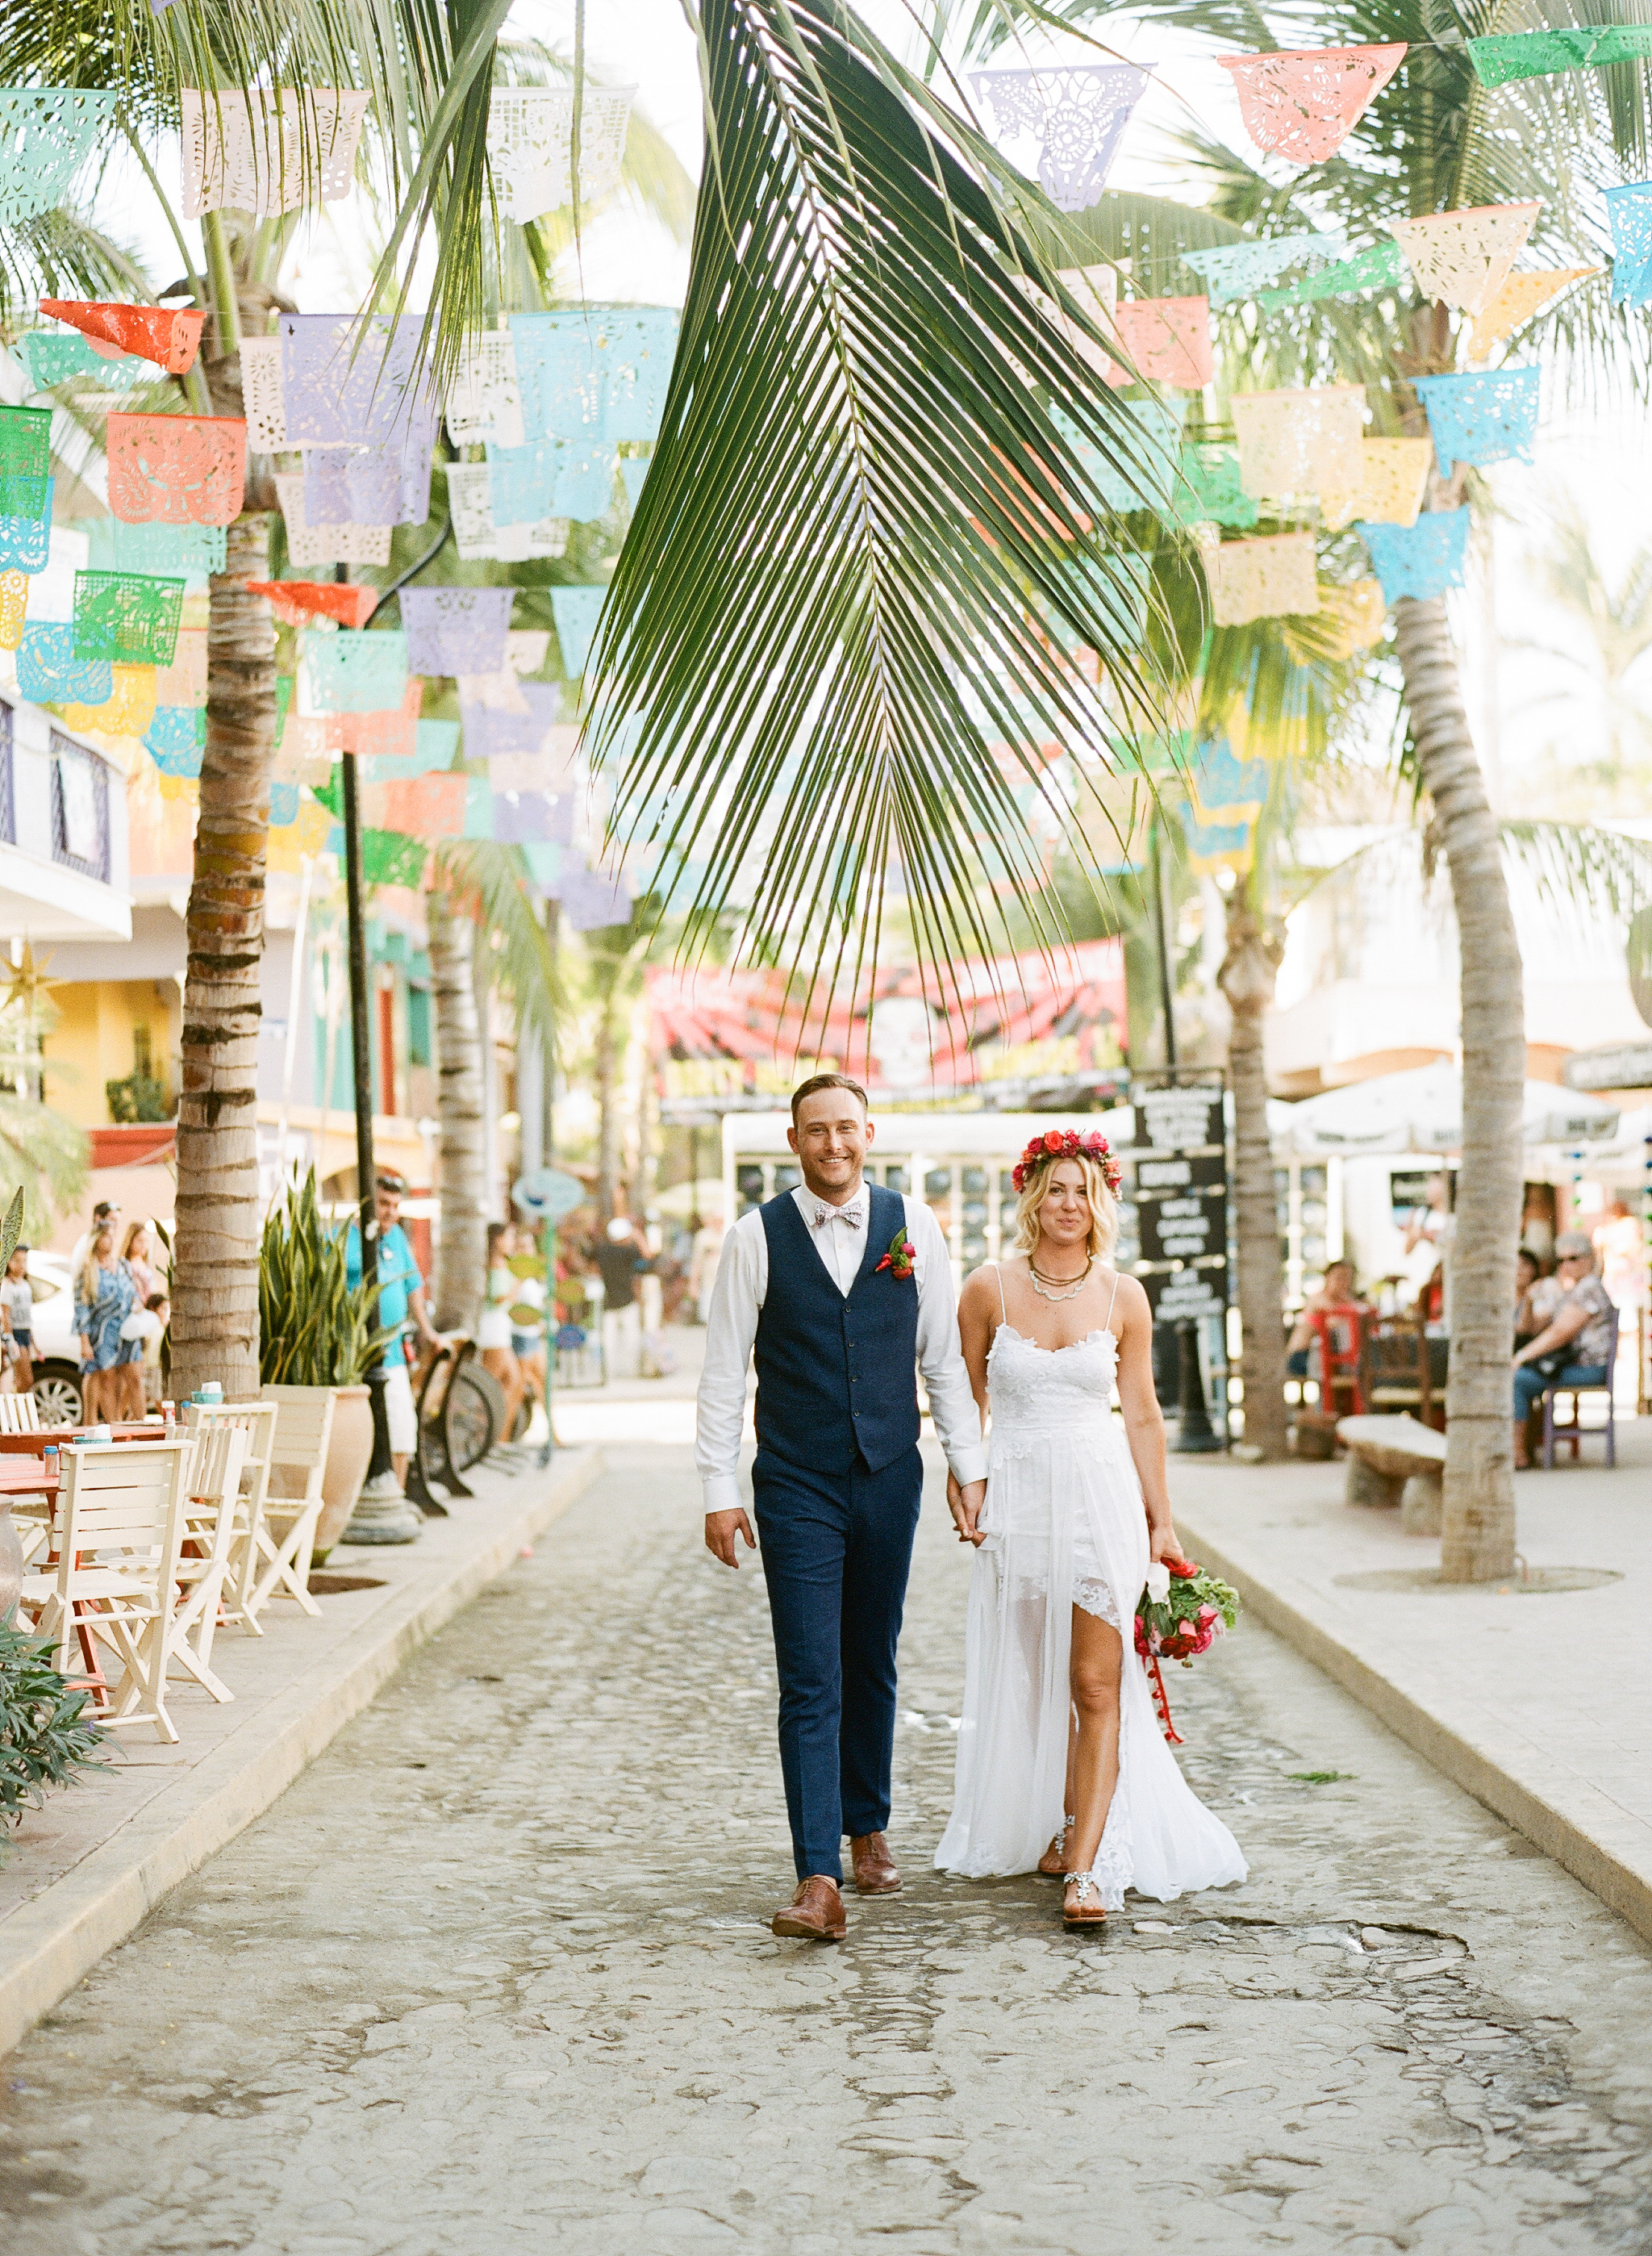 michellebeller.com | Michelle Beller Photography | Destination Wedding in Sayulita Mexico | Destination Wedding Photographer